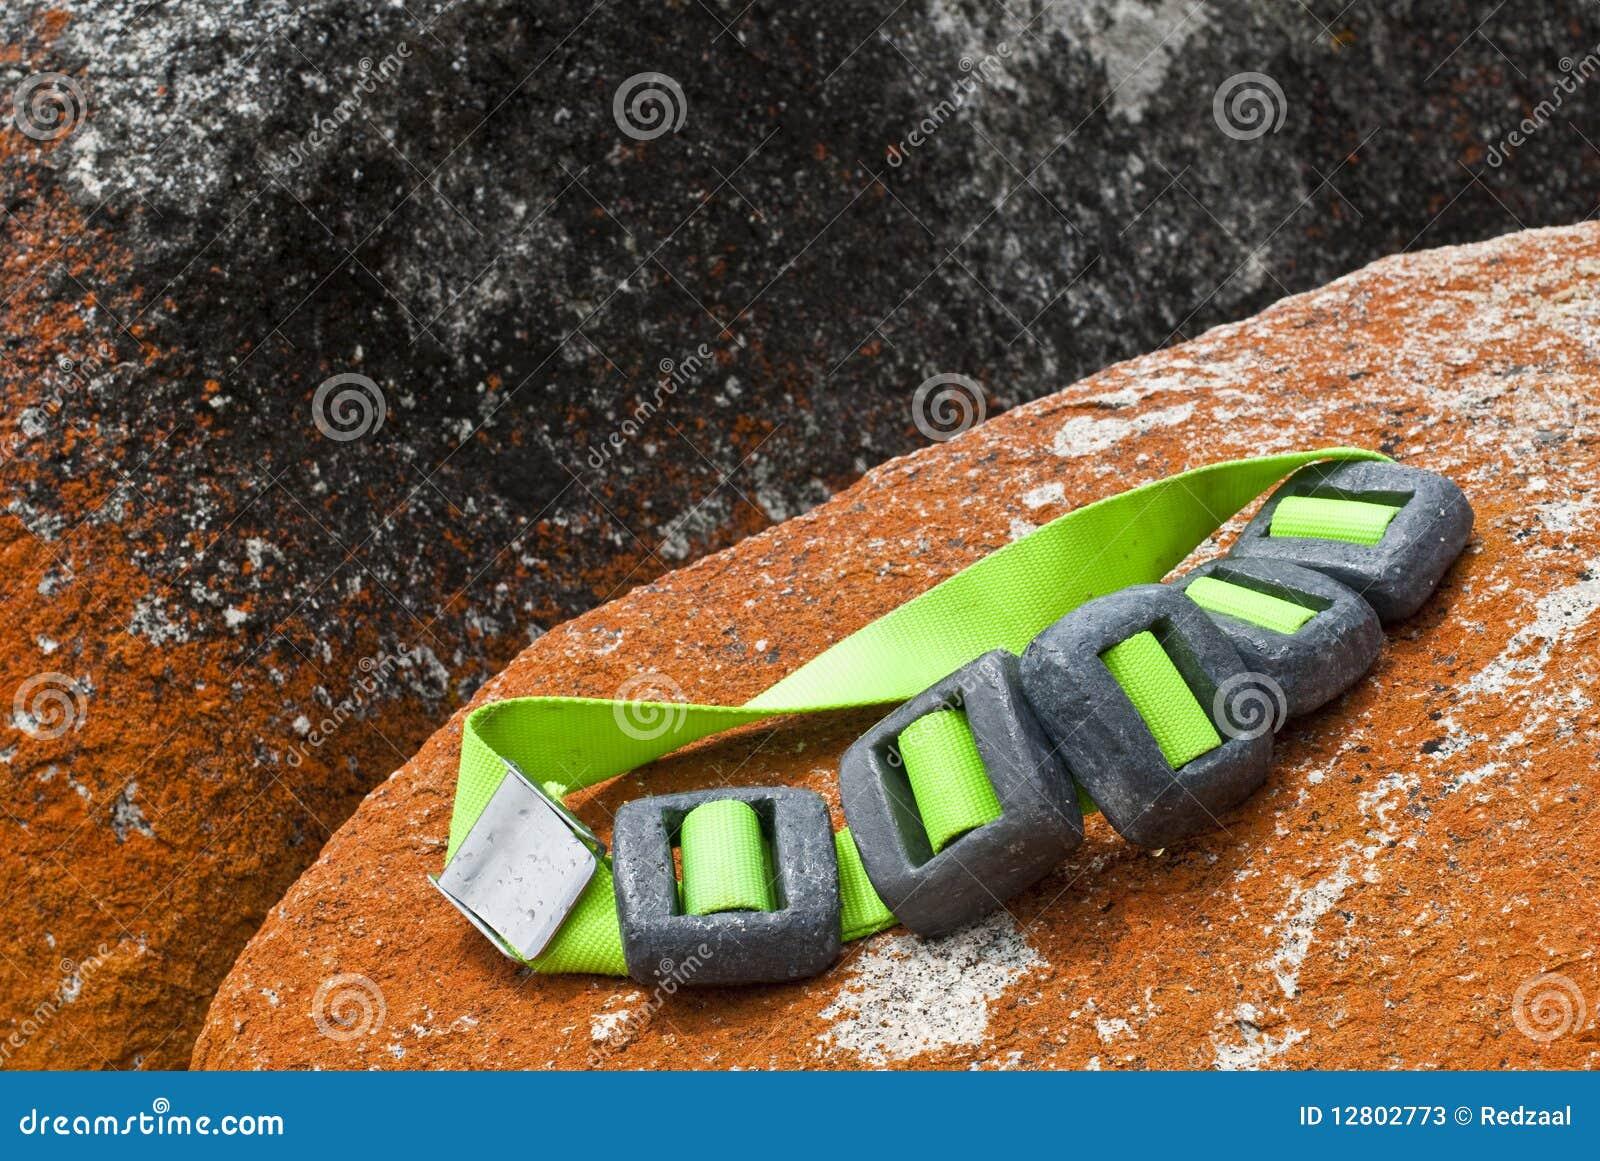 Scuba diver weight belt